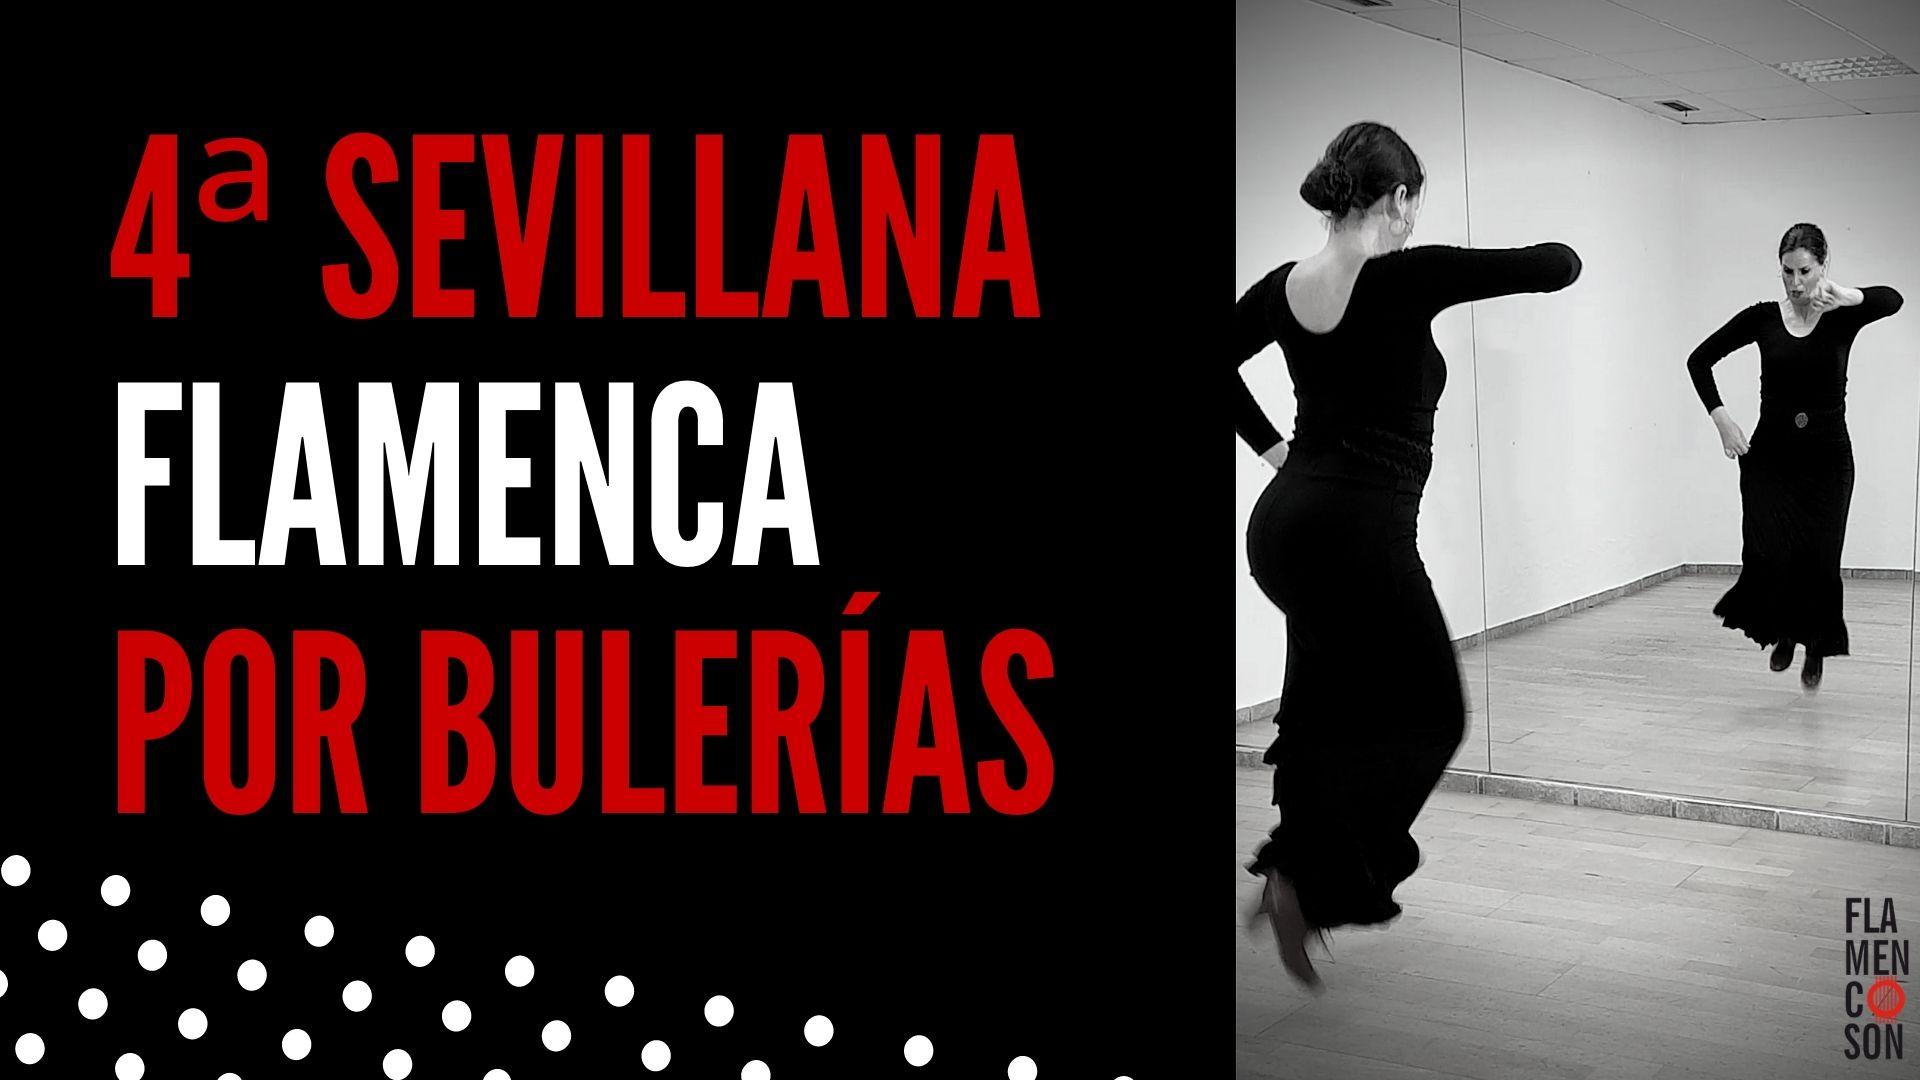 aprender a bailar cuarta sevillana flamenca por bulerias online